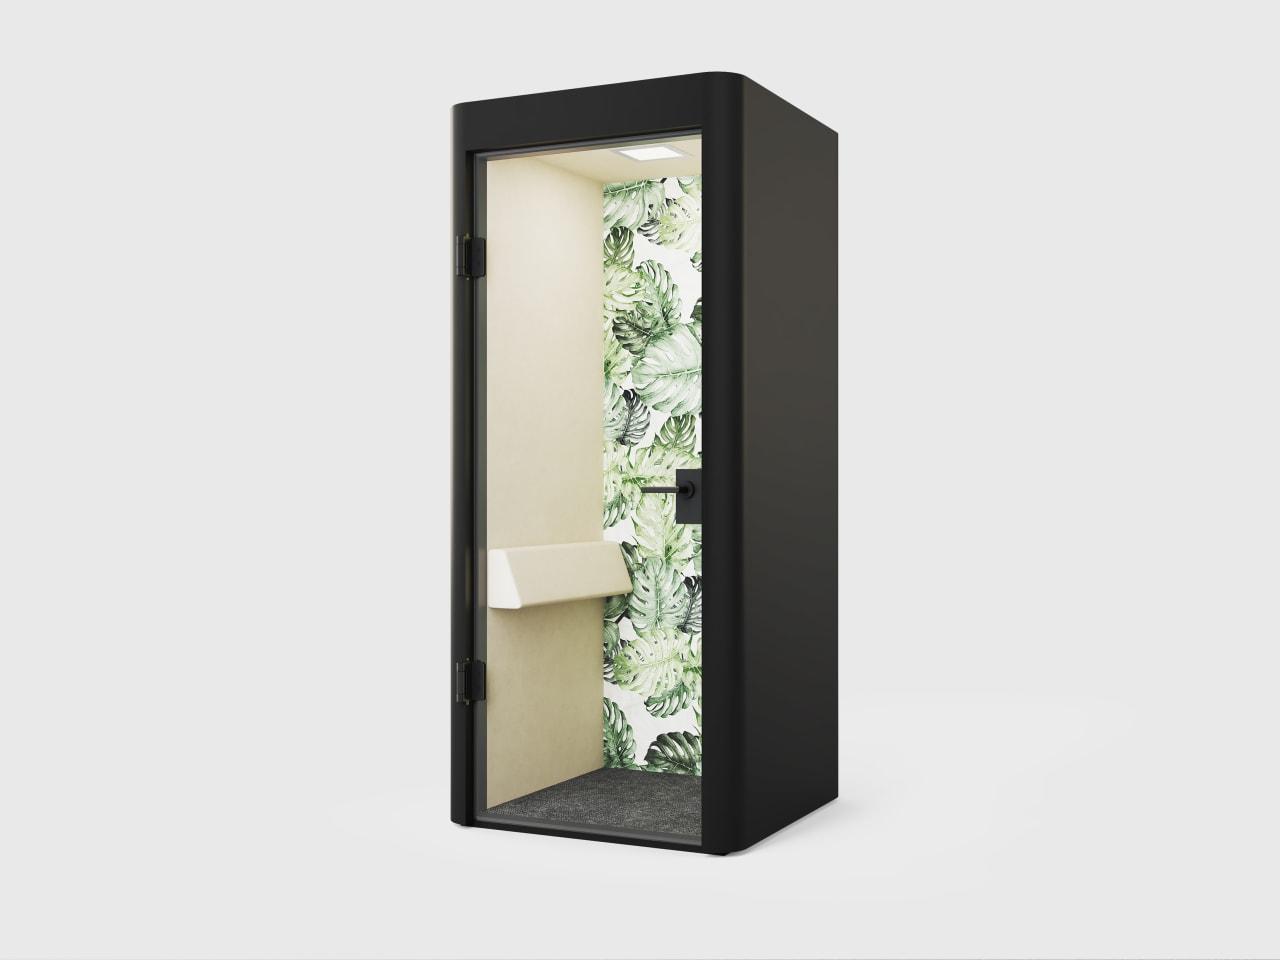 Design-Telefonkabine mit abgerundeten Ecken